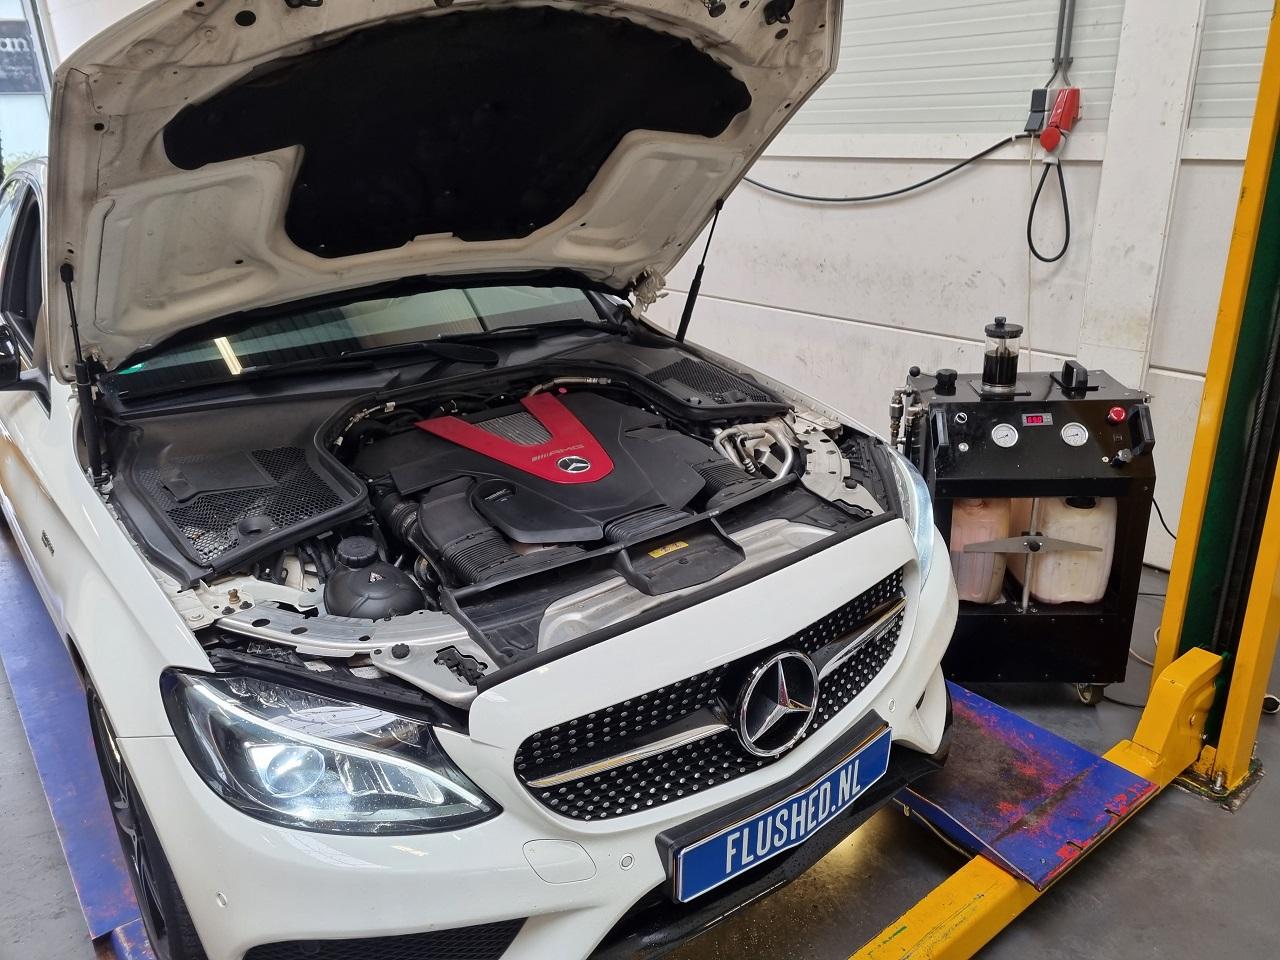 Mercedes Automaatbak Spoelen